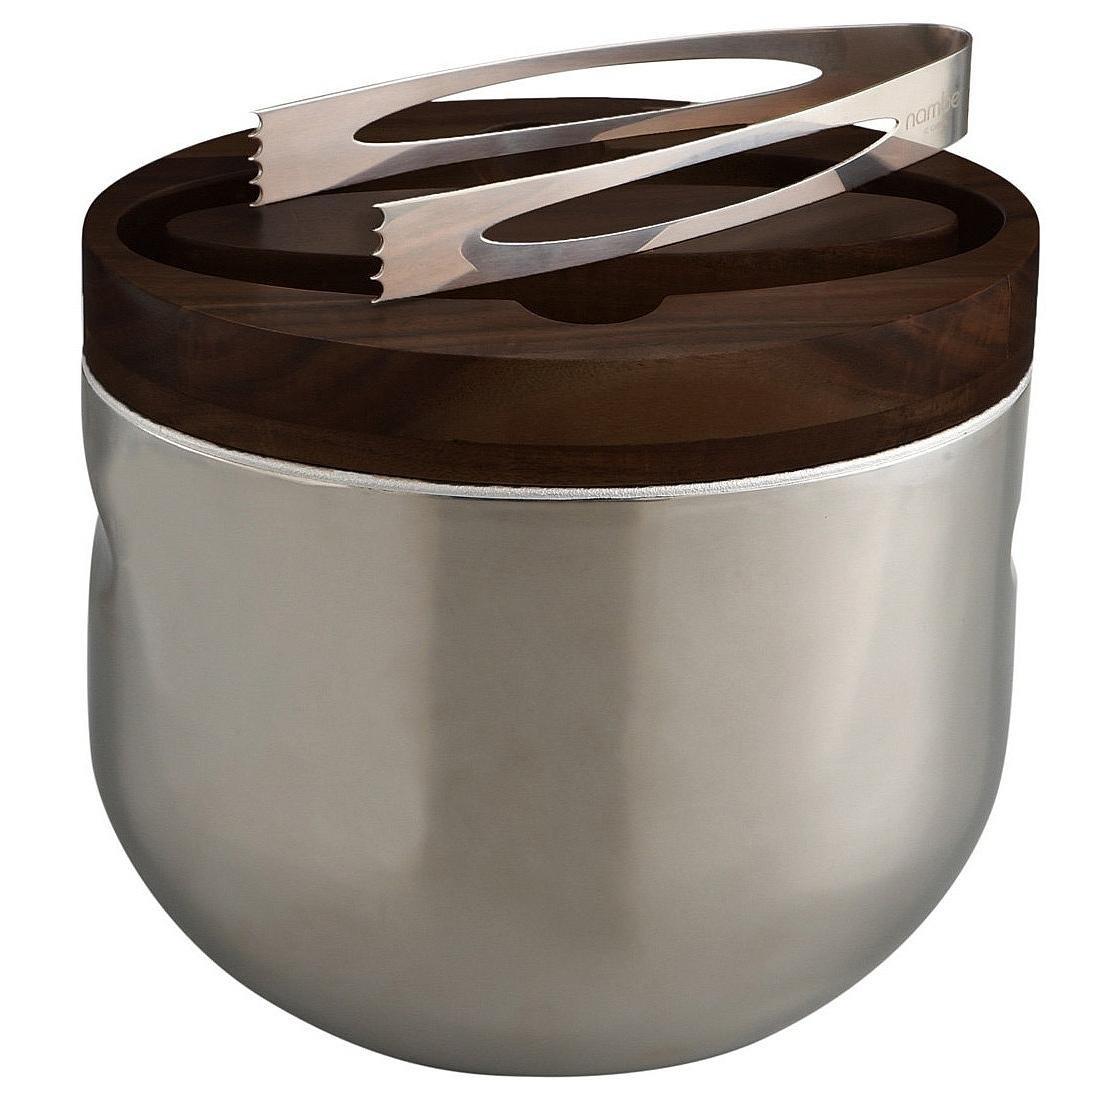 Nambe Mikko Ice Bucket with Tongs, Espresso